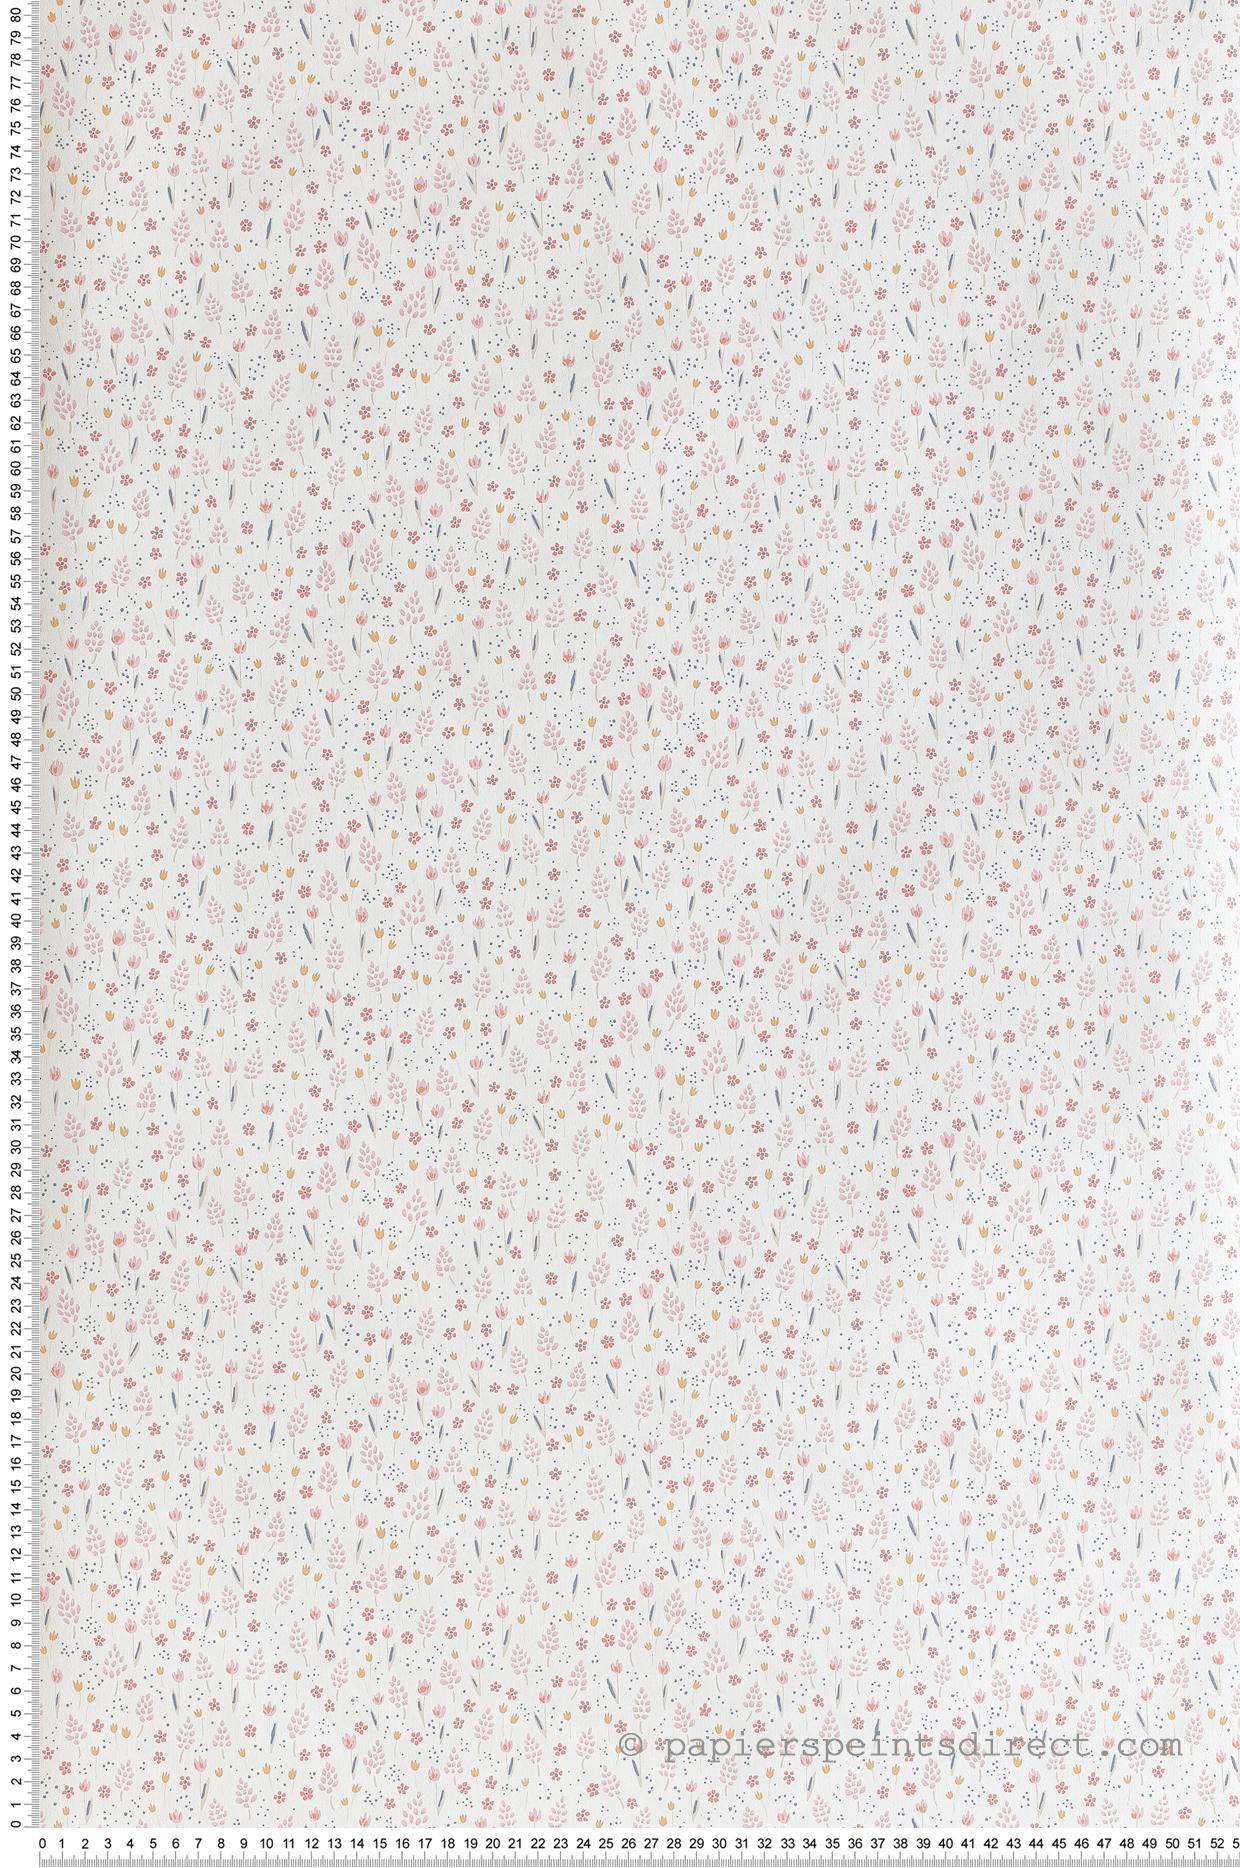 Papier peint enfant Liberty rose/jaune - Happy Dreams de Casadéco   Réf. HPDM82752212